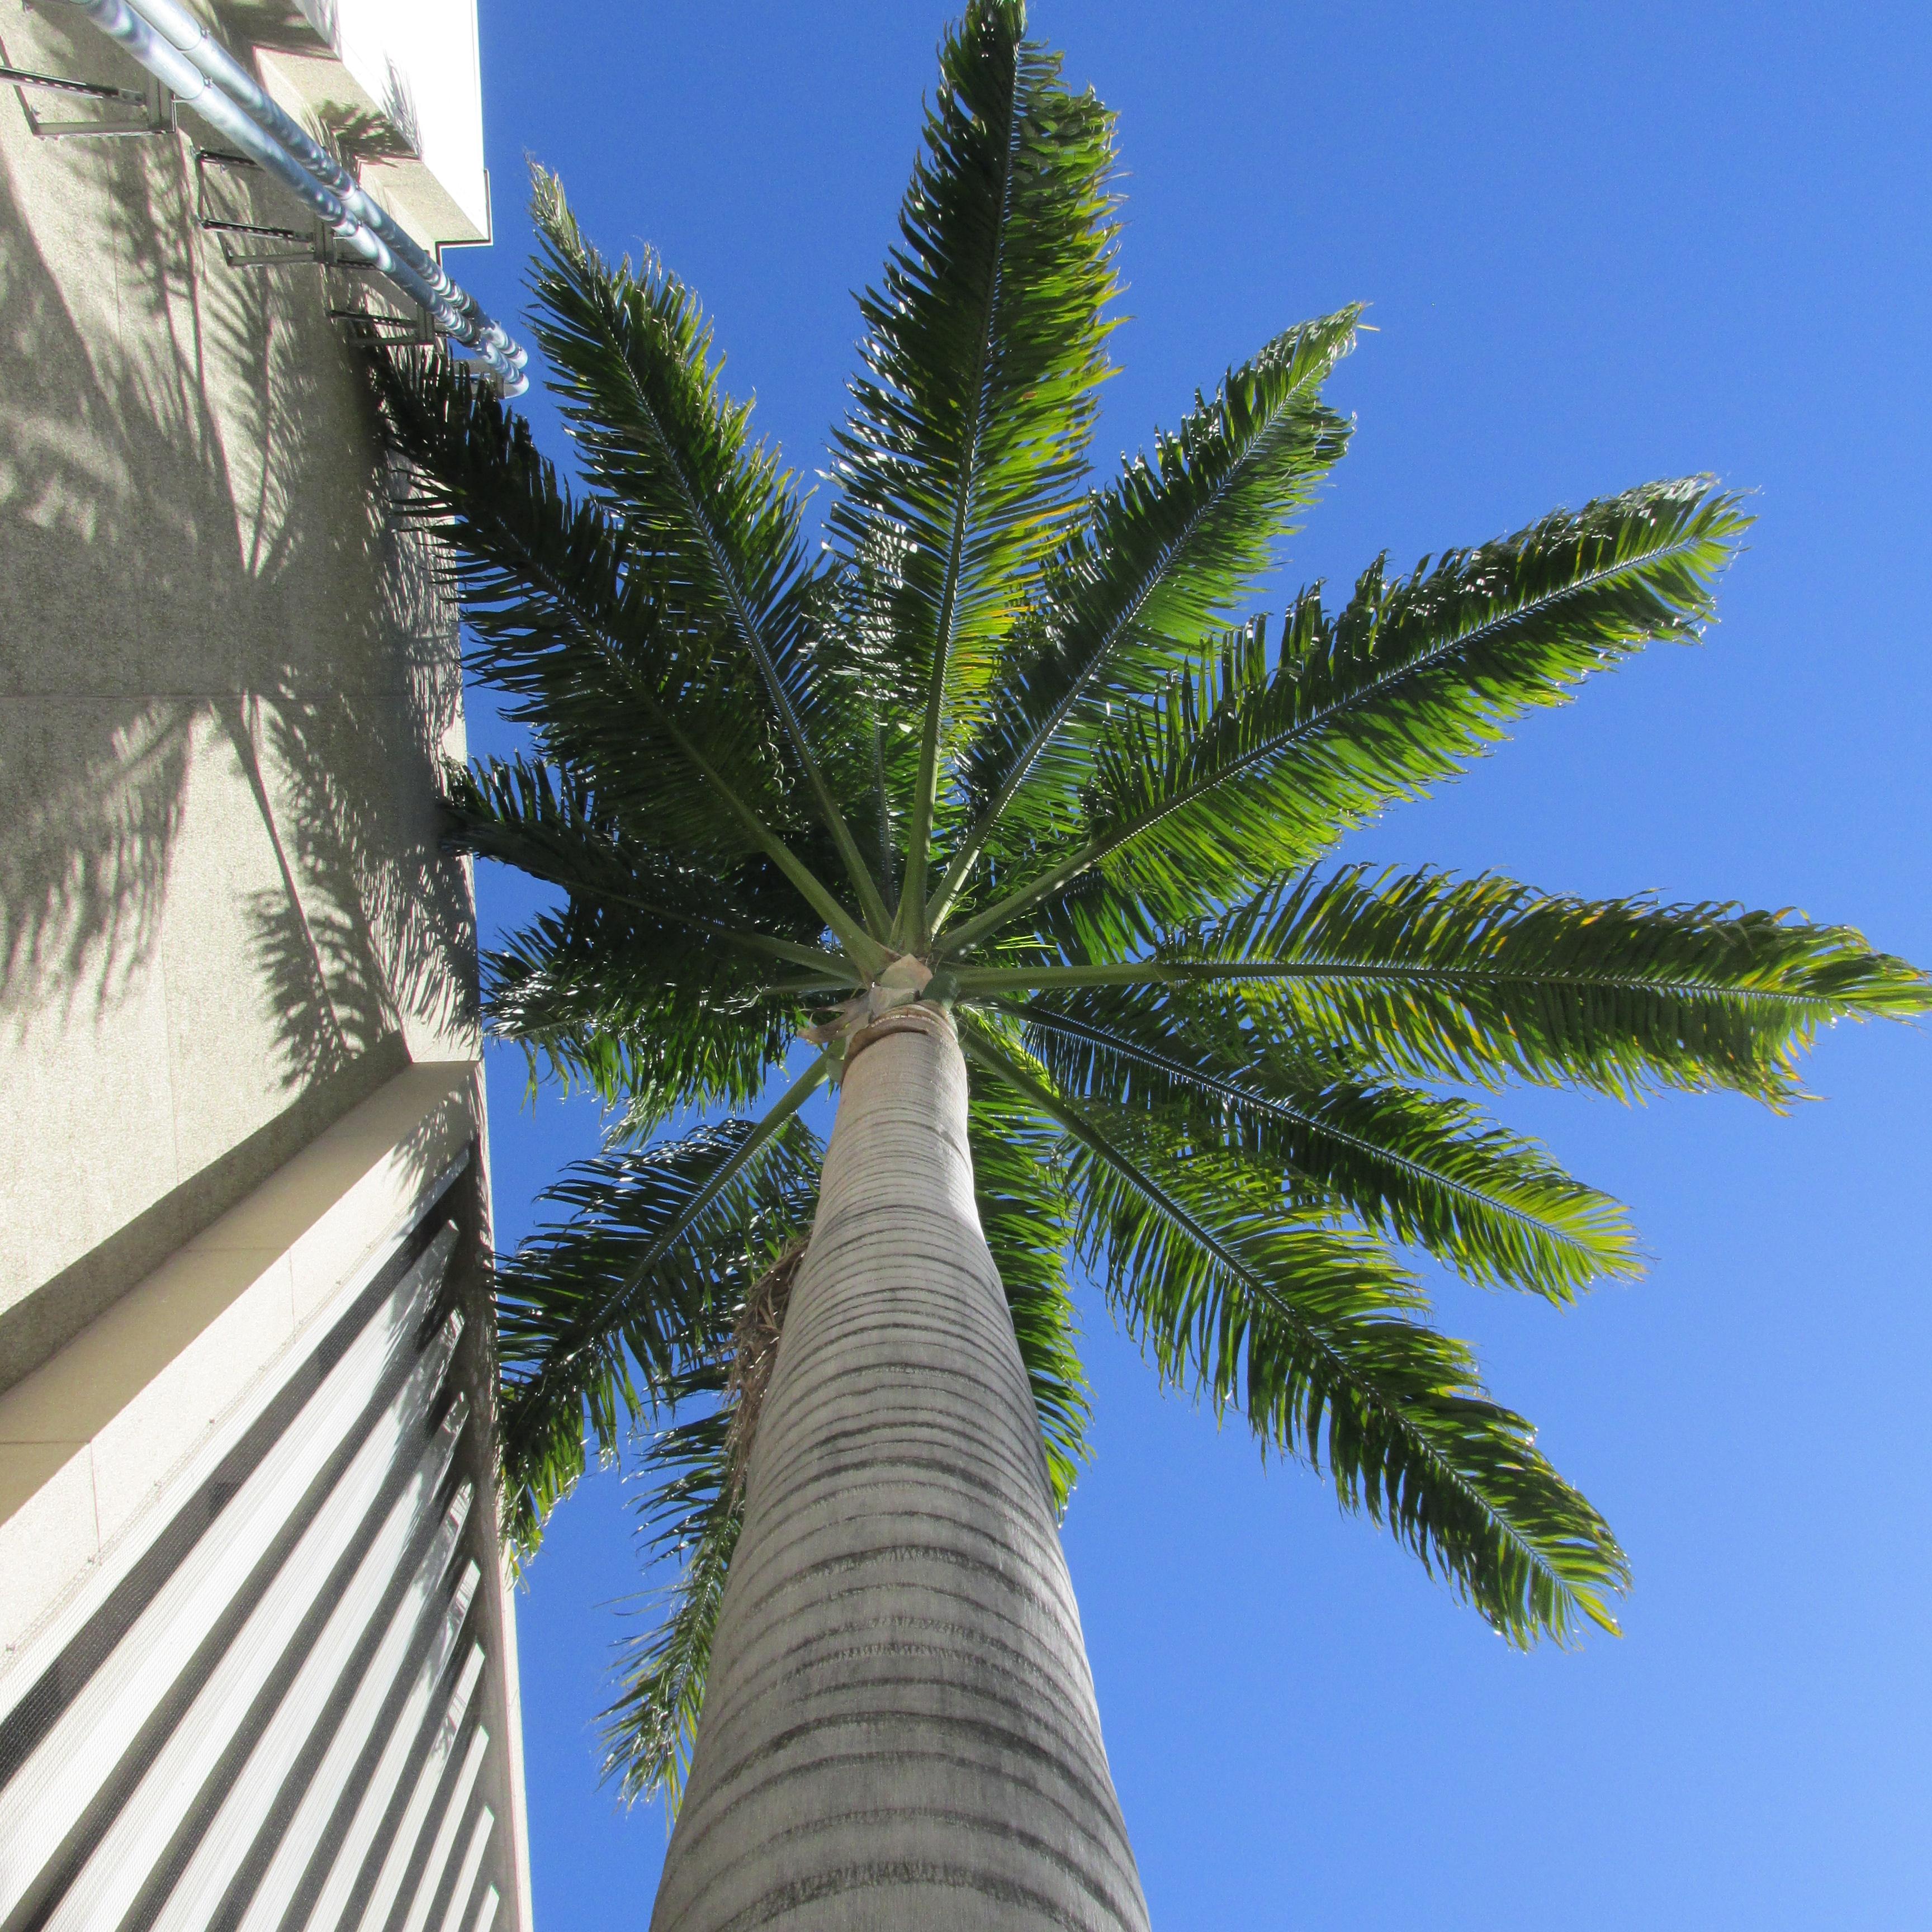 Roystonea oleracea in Santana, California, part II - DISCUSSING PALM ...